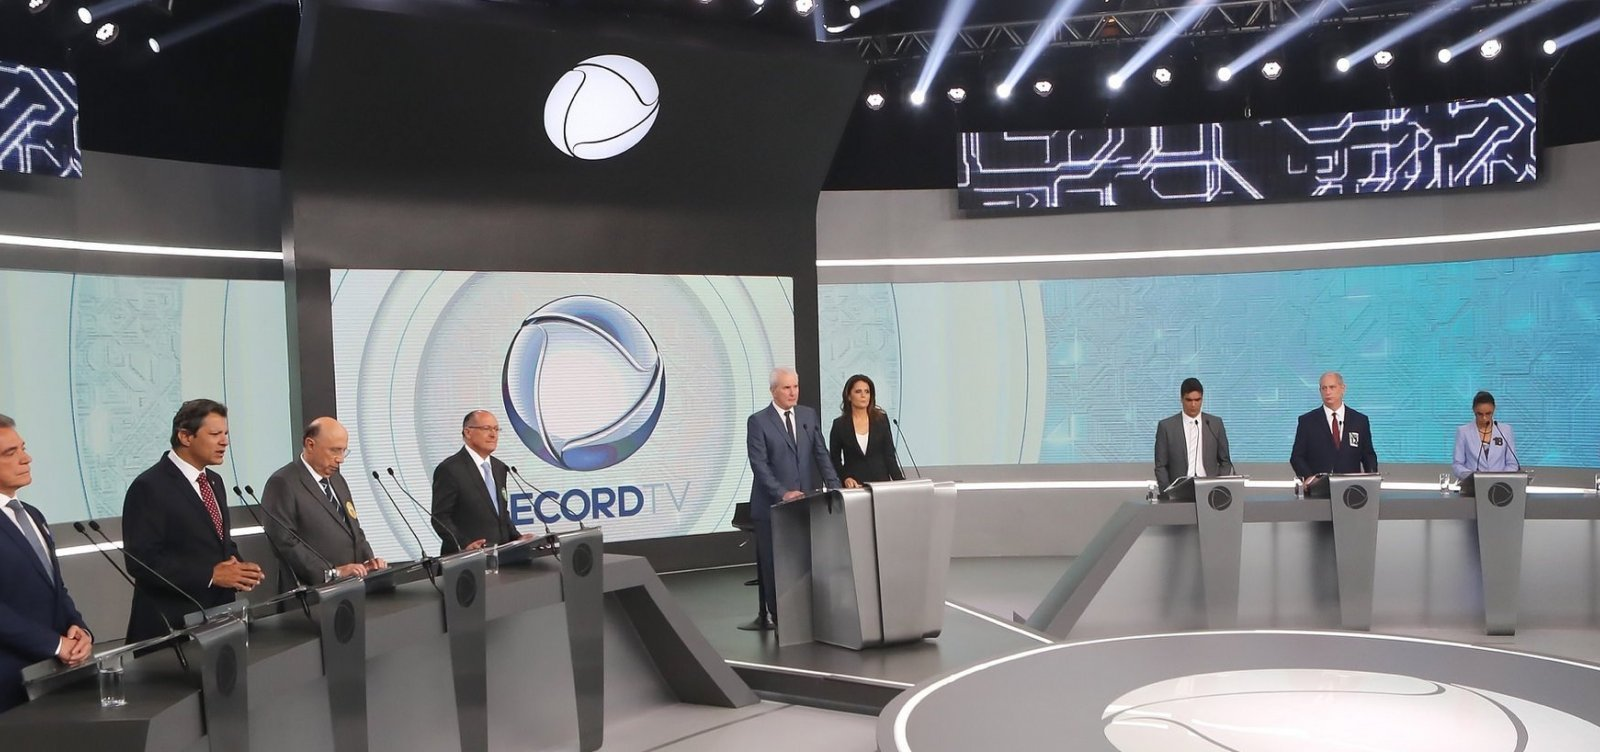 Em debate, Haddad e Bolsonaro são alvos de ataques dos adversários